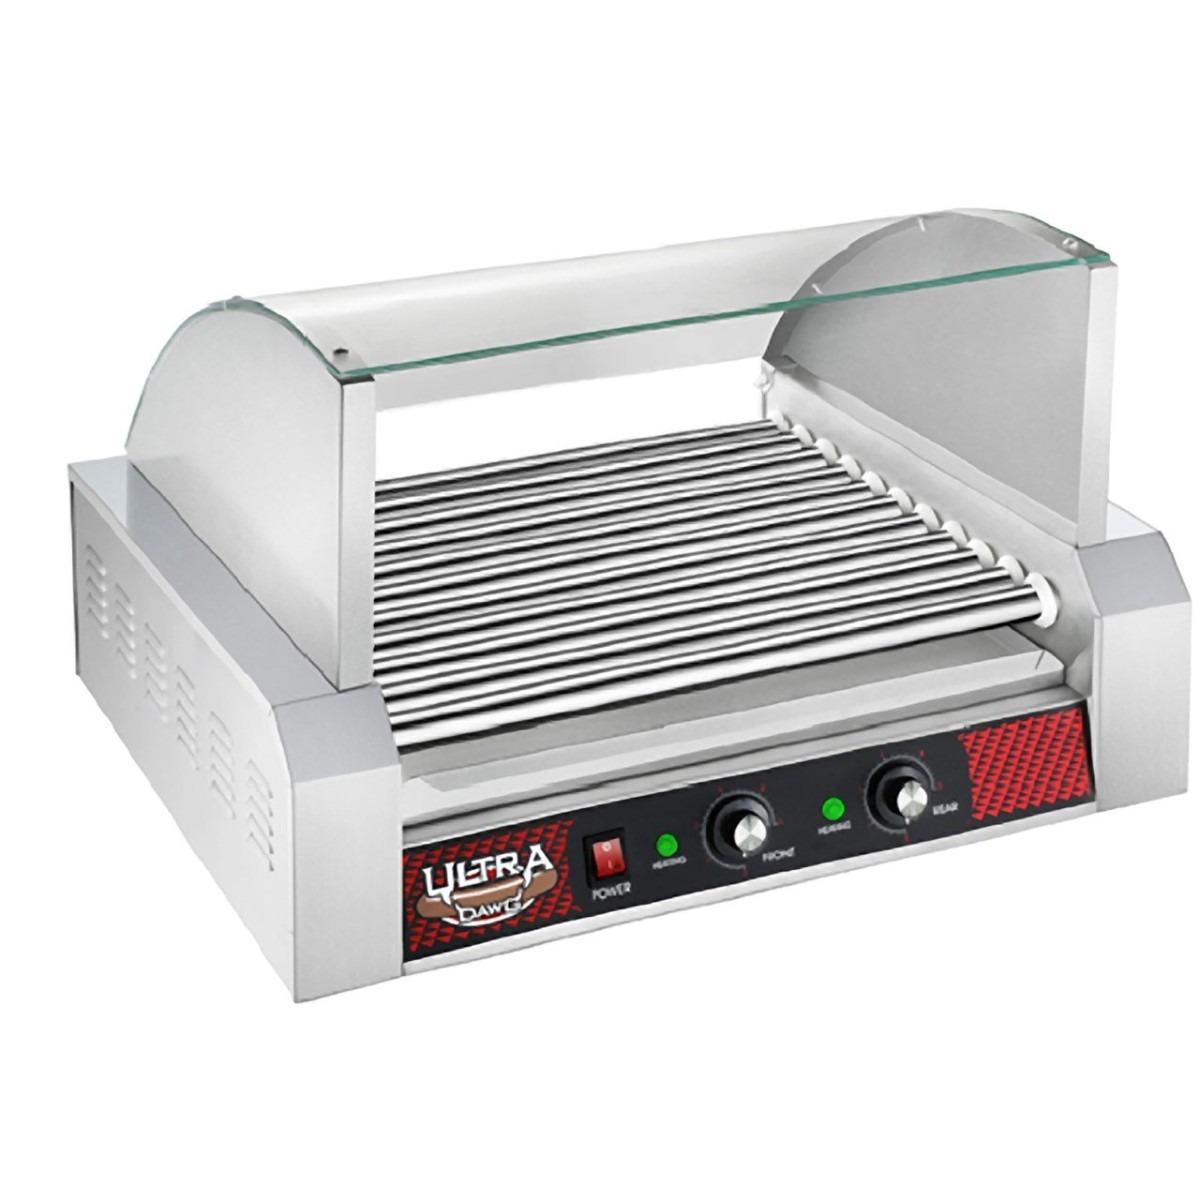 Maquina para hot dog con toldo capacidad 30 hot dog hm4 for Refacciones para toldos